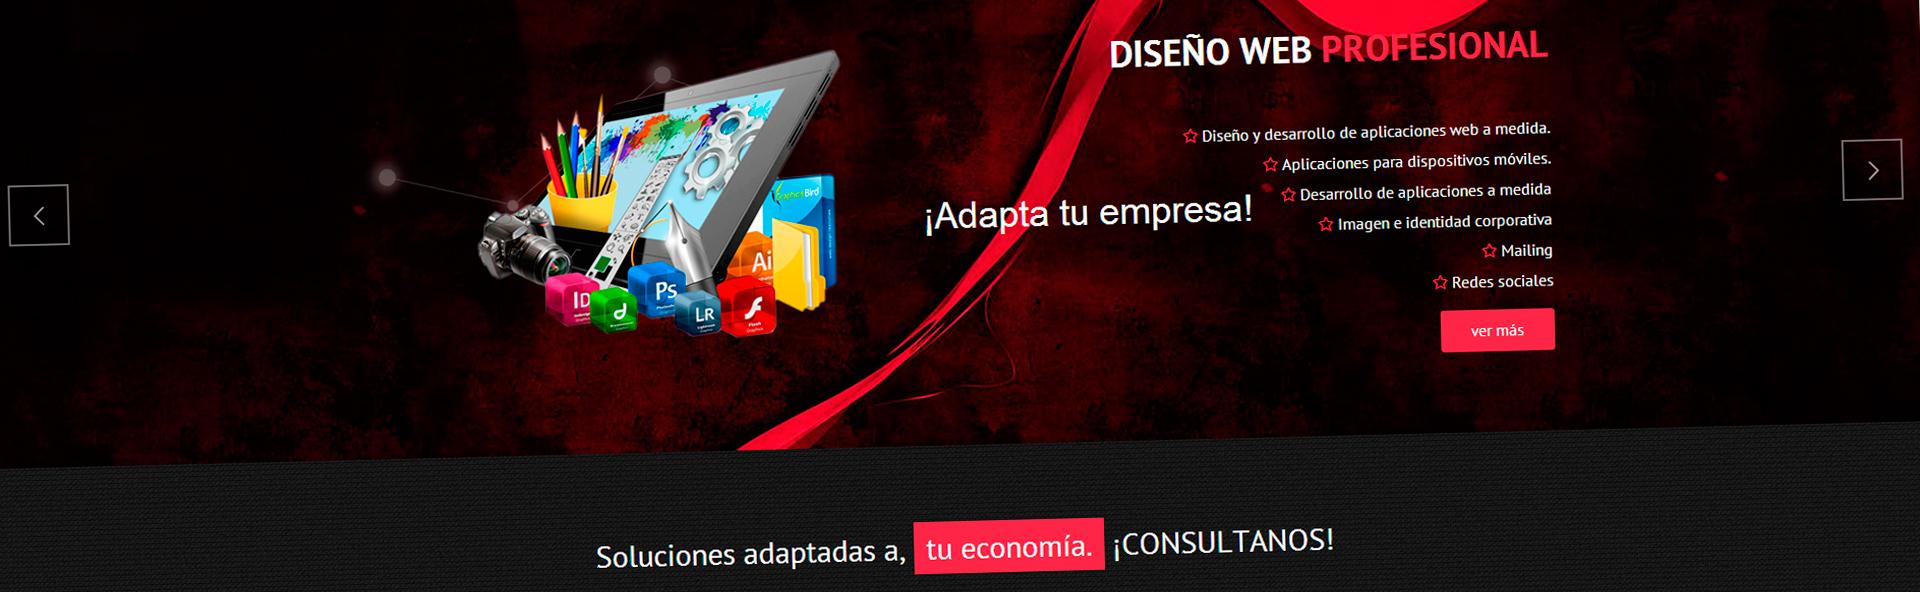 Detalle de diseño - icarusinformatica.com